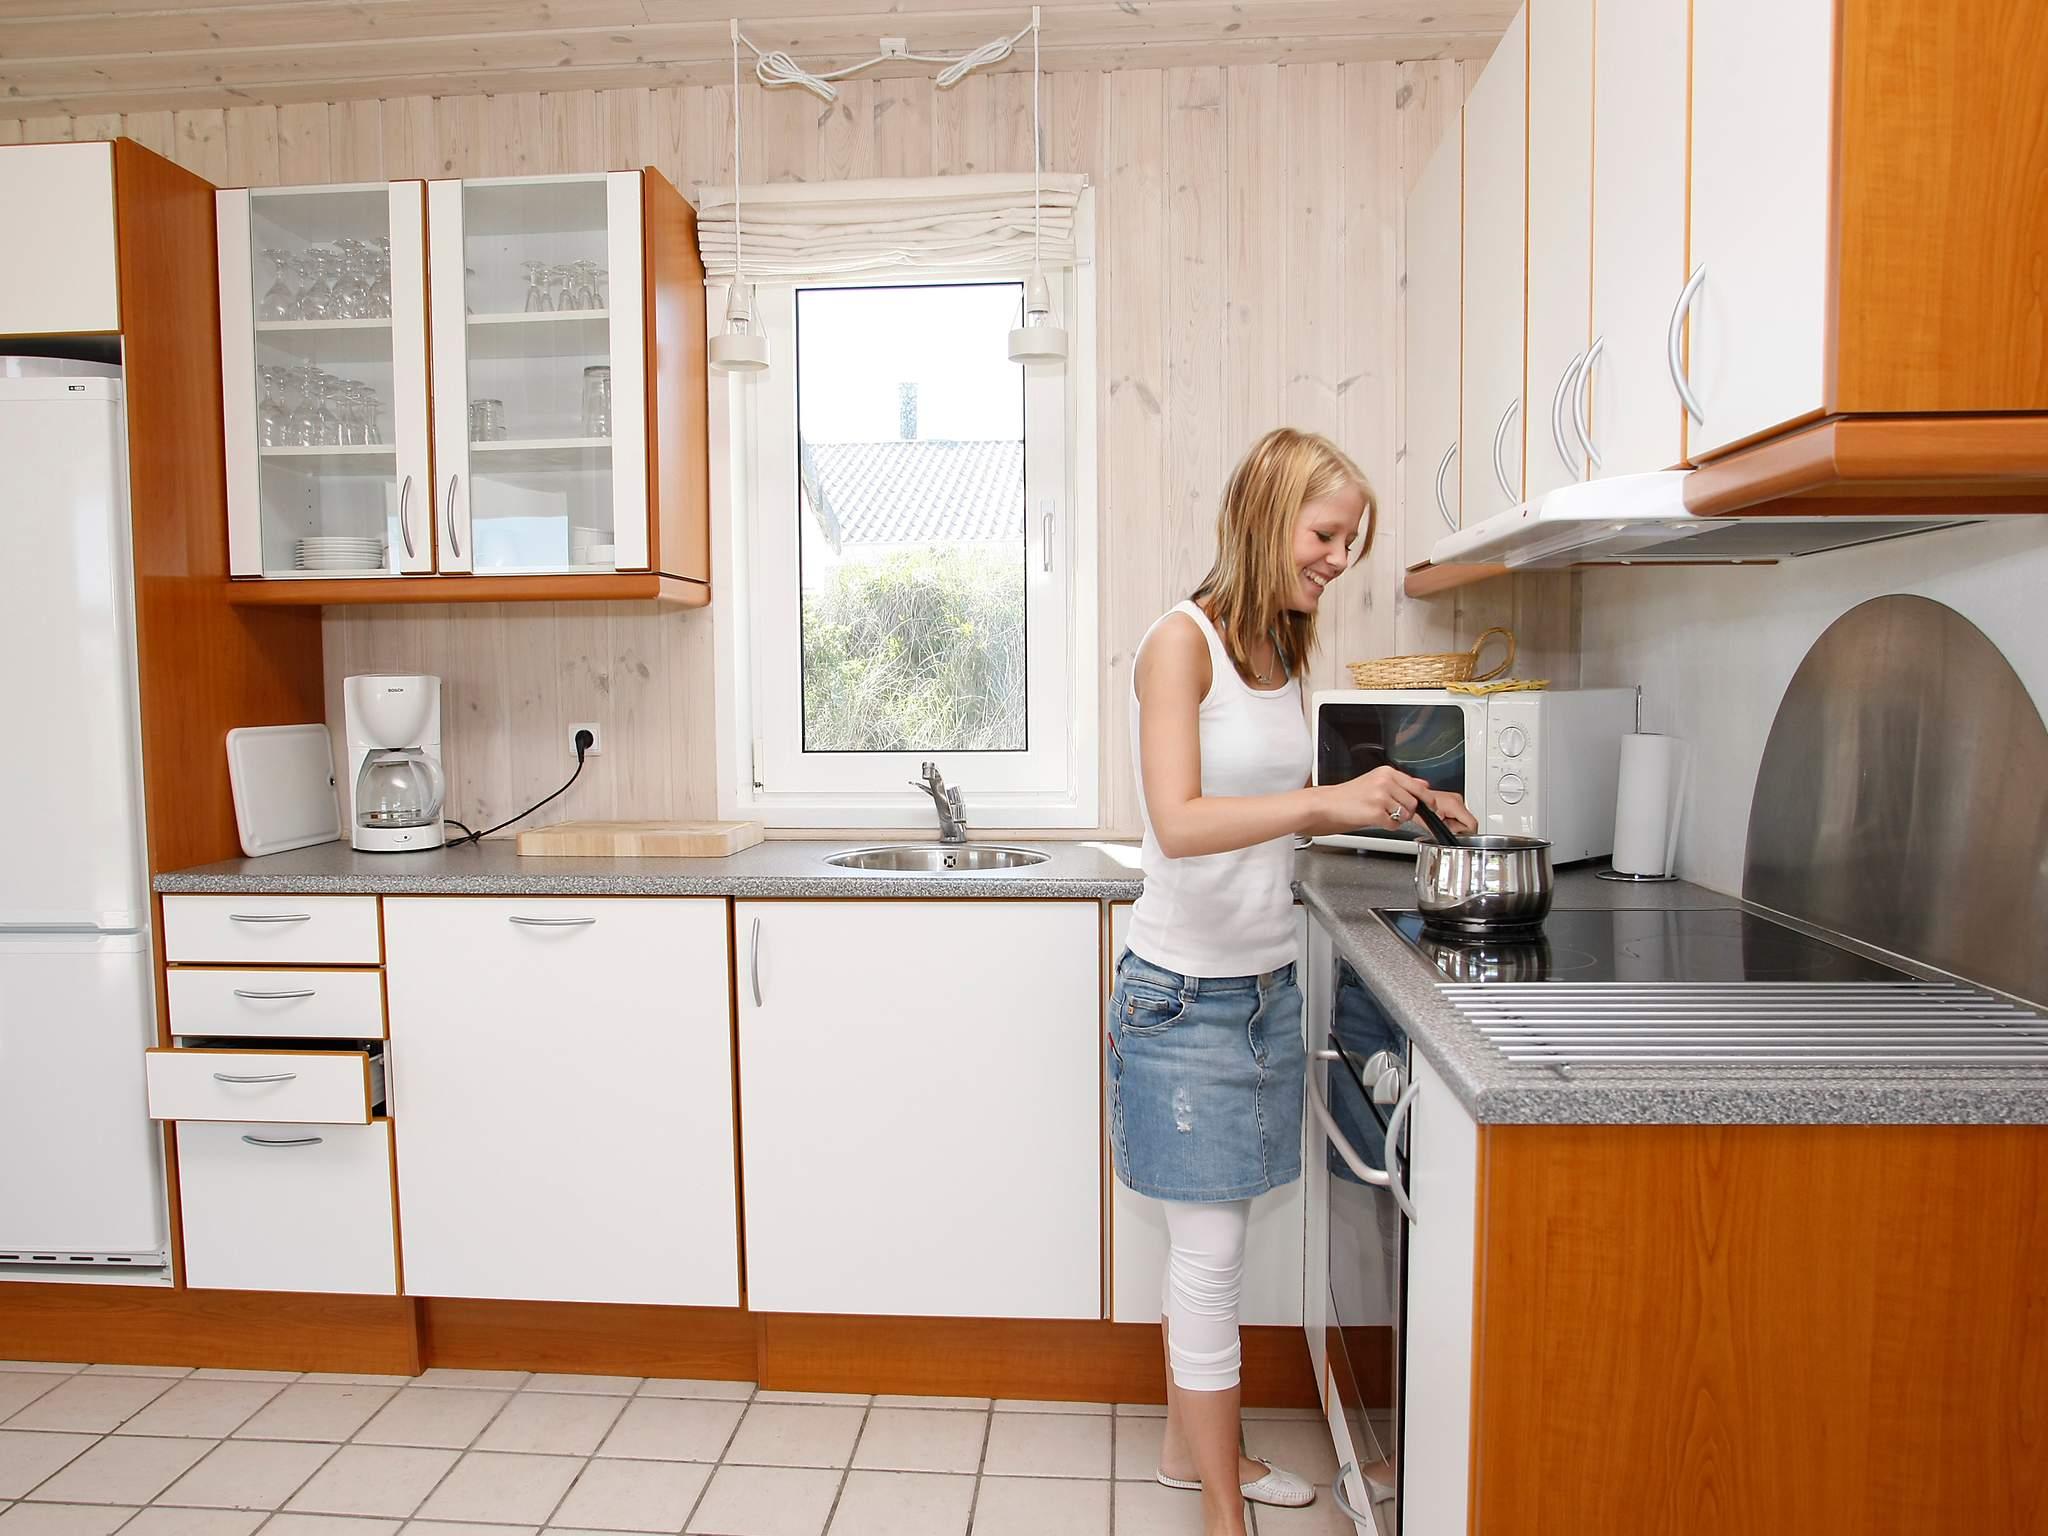 Ferienhaus Løkken (83922), Løkken, , Nordwestjütland, Dänemark, Bild 4